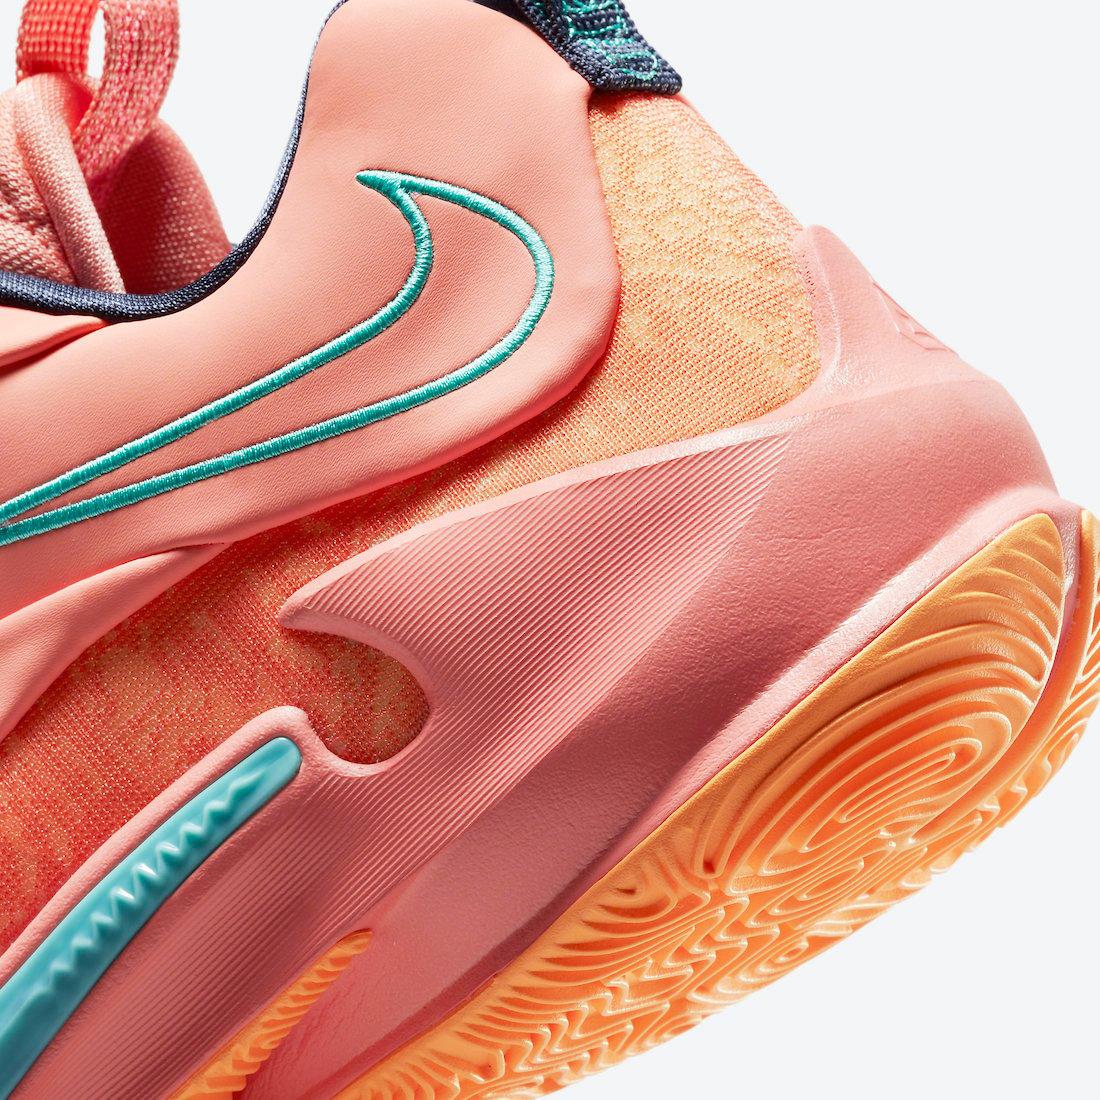 Nike Zoom Freak 3 Orange Freak DA0695-600 Release Date Info